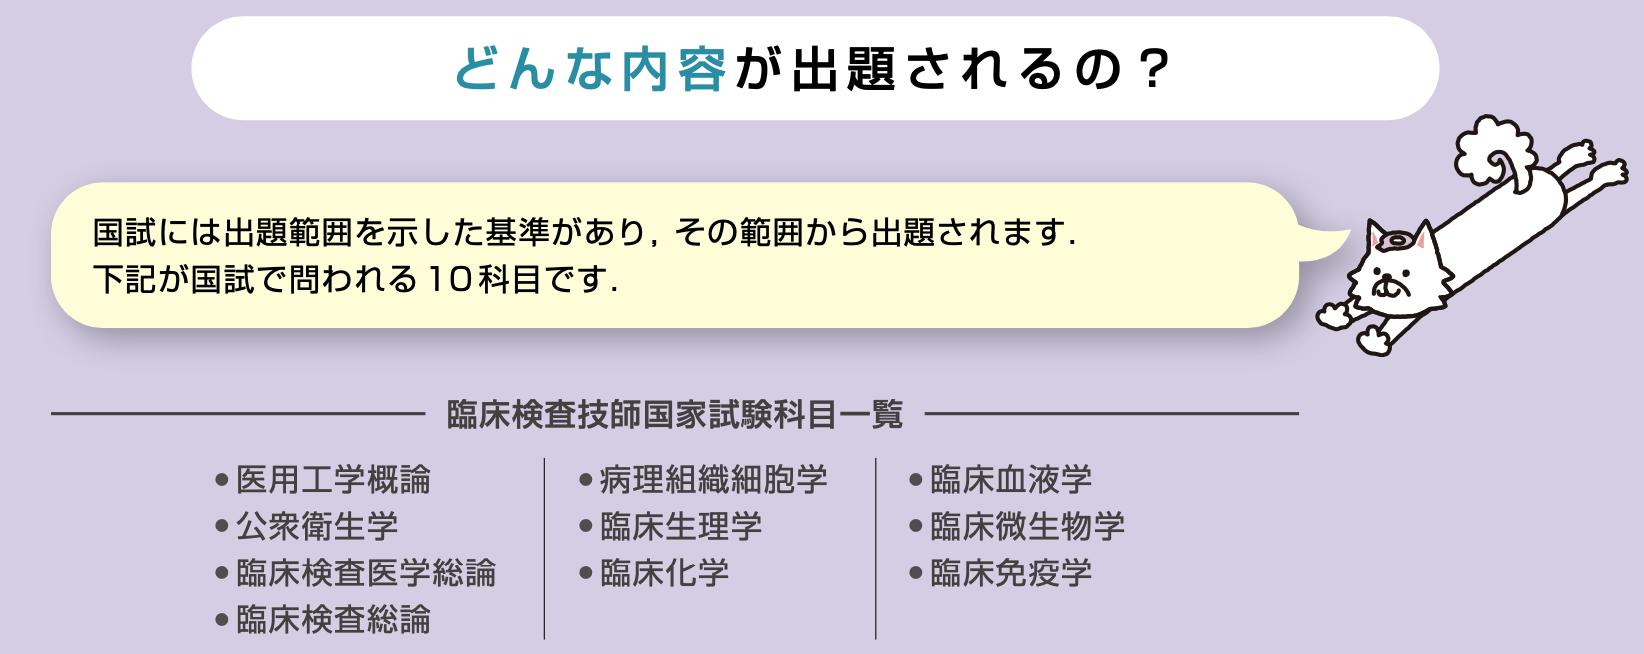 国試には出題範囲を示した基準があり,その範囲から出題されます.   下記が国試で問われる10科目です.